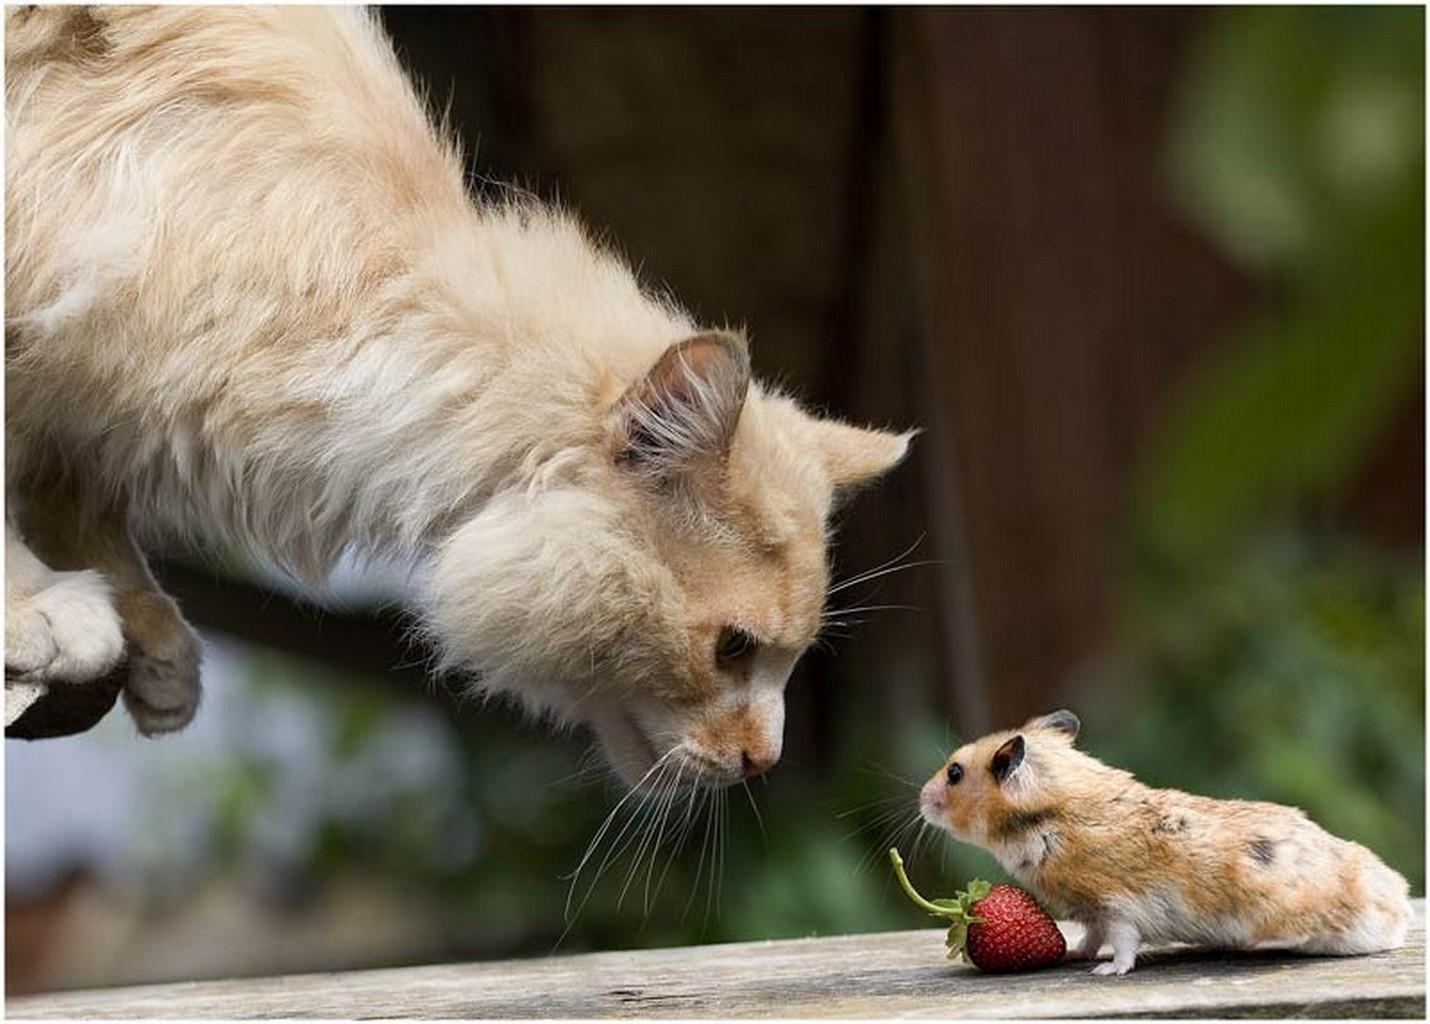 Открытки, мышь и кот смешные картинки